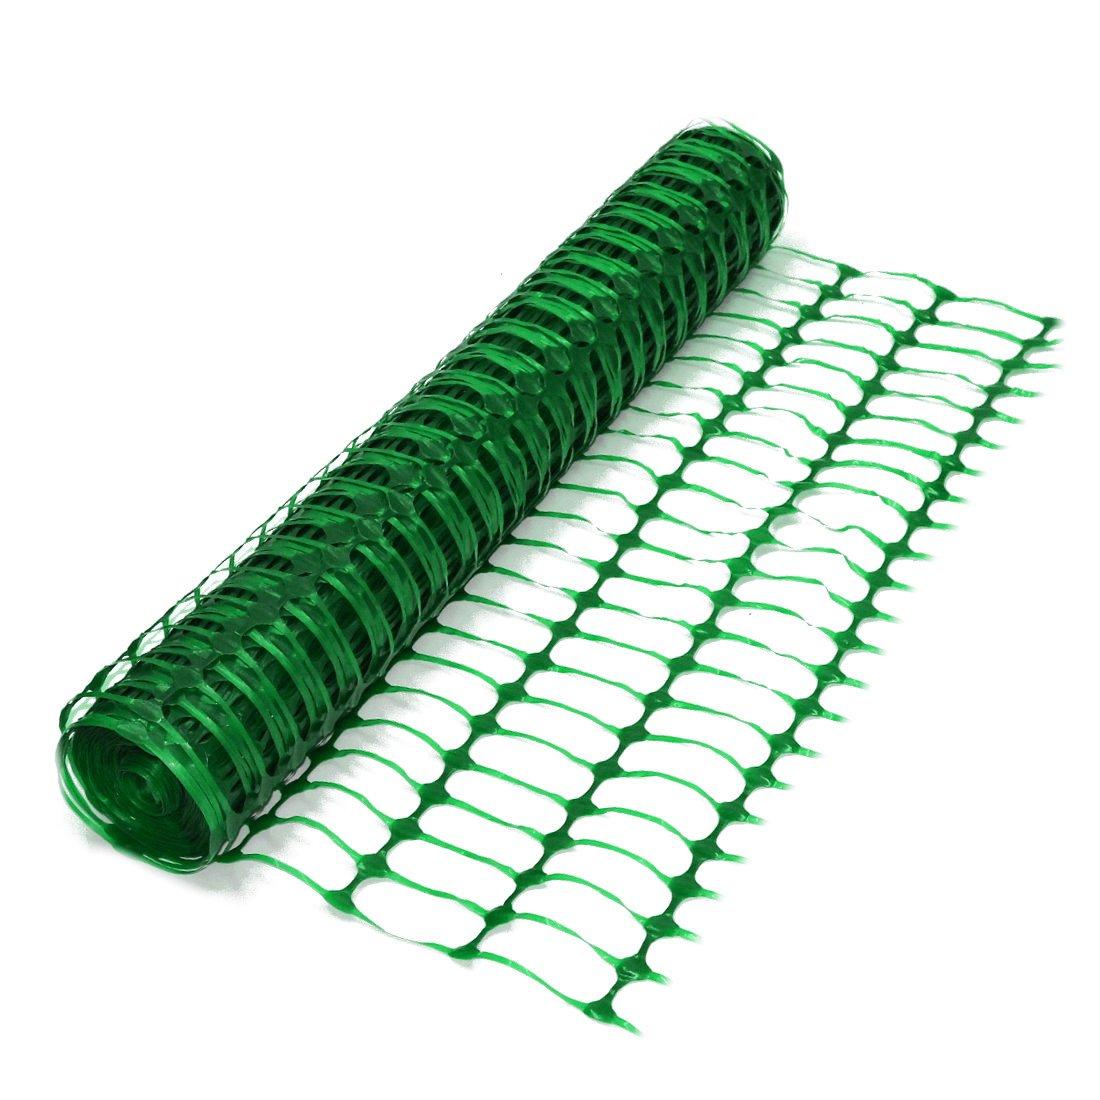 True Products B1001F 50 M está ndar plá stico malla de seguridad valla de barrera de malla, color verde